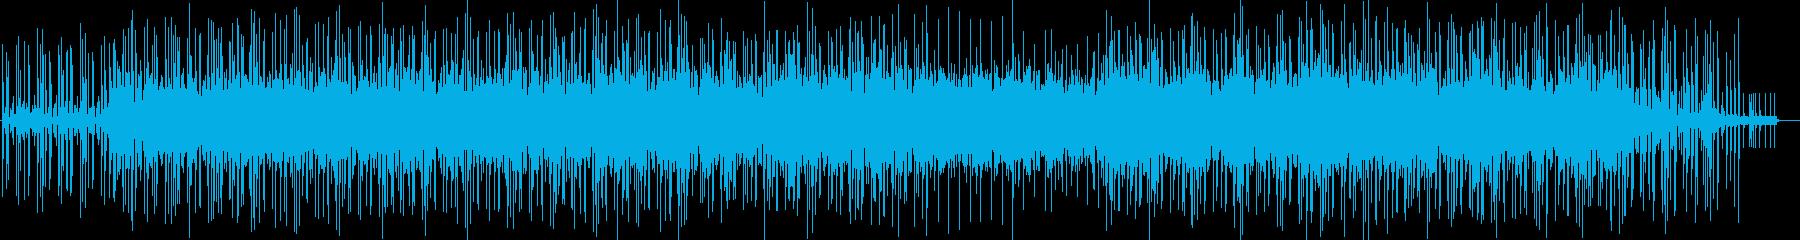 劇伴 ゆったりとしたミニマルファンクの再生済みの波形